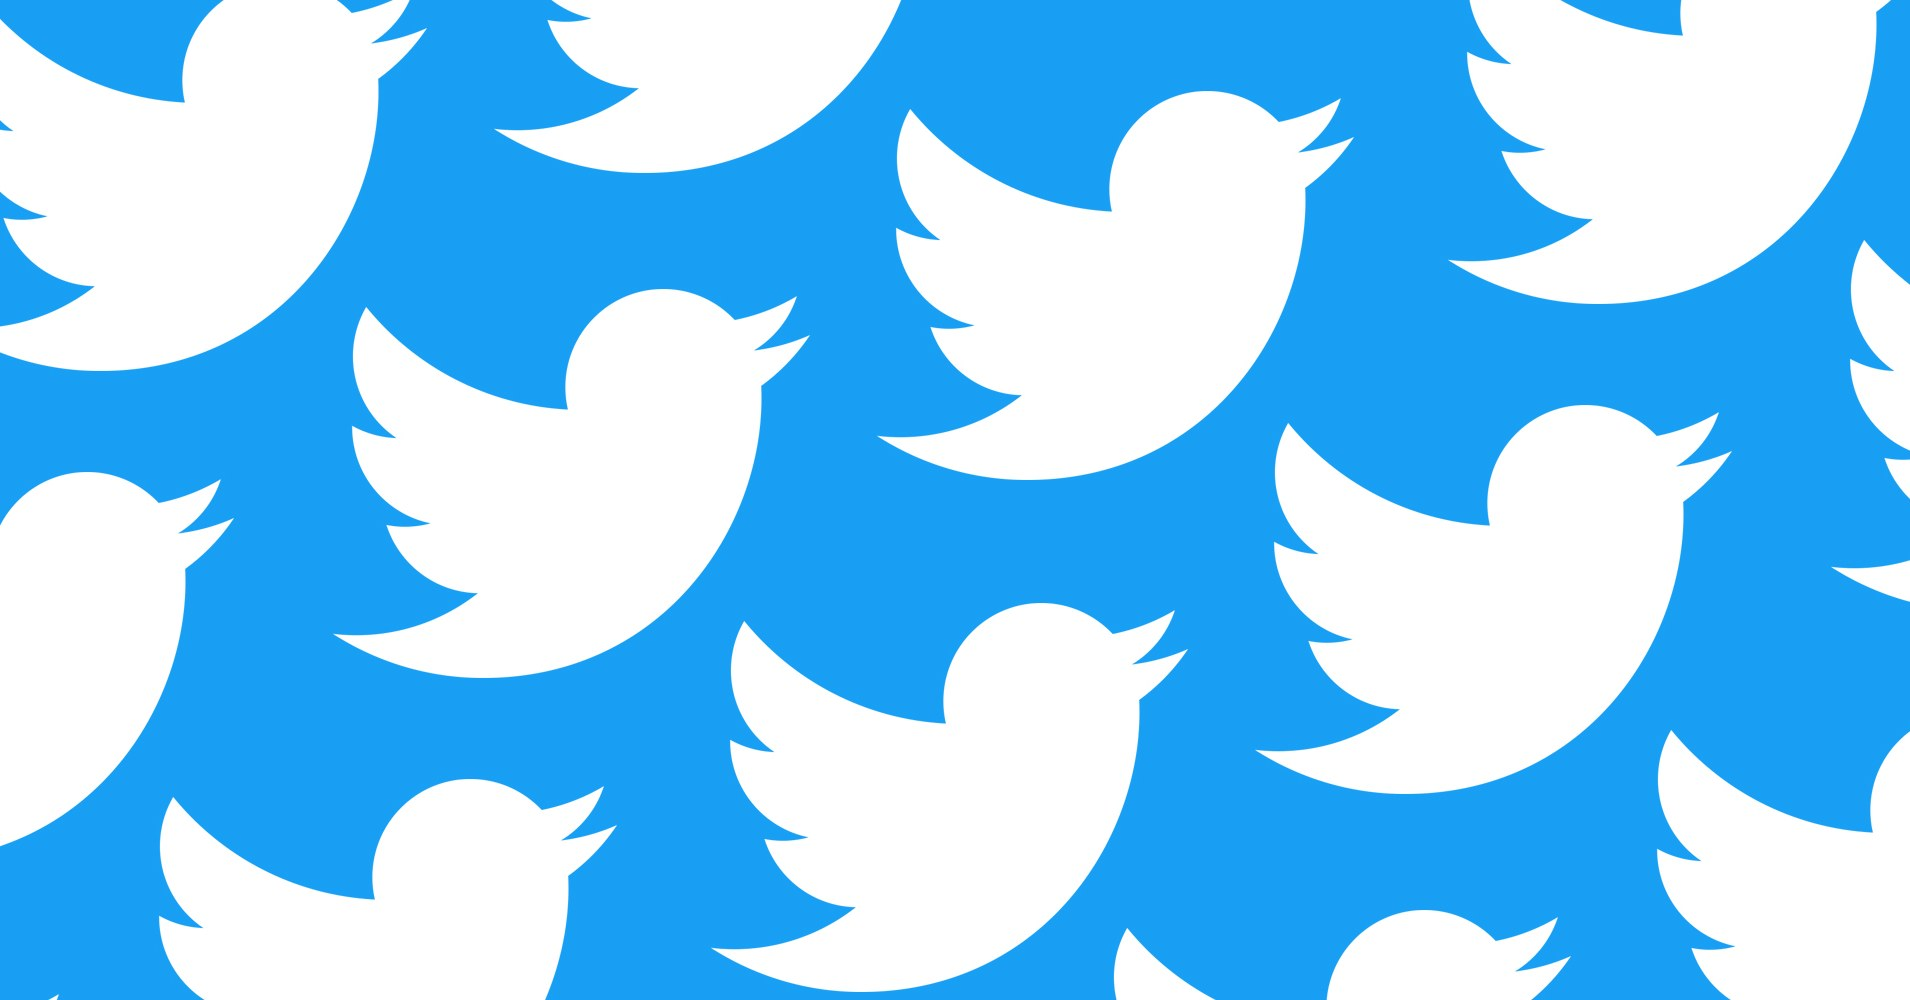 Все сотрудники Twitter переведены наудаленную работу из-за коронавируса